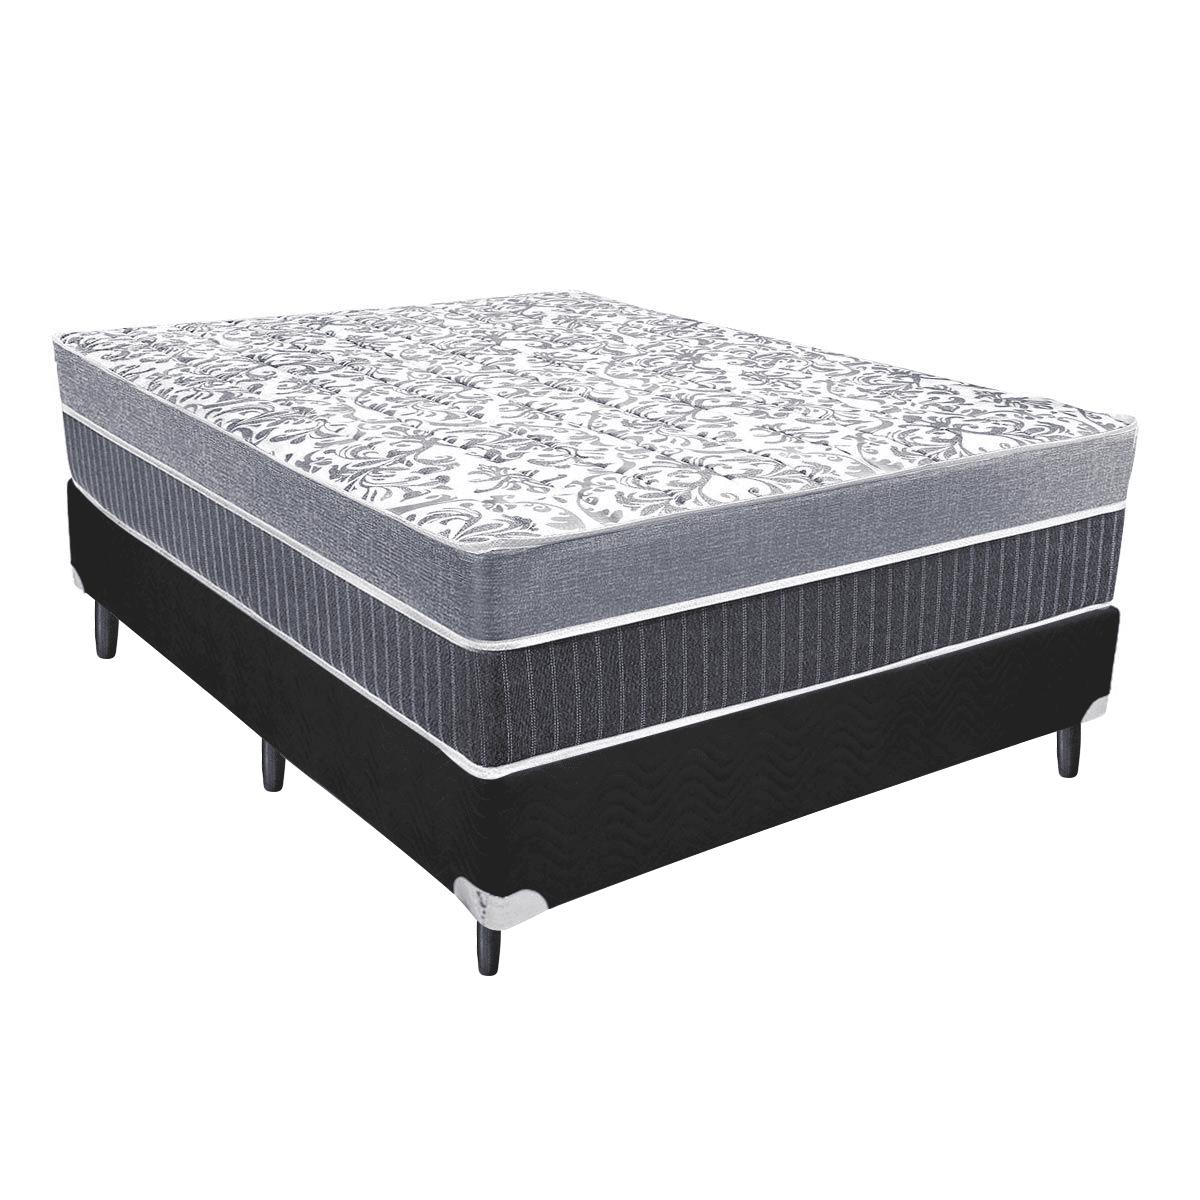 Cama Box + Colchão de Molas com Pillow Superlastic Casal Cinza All Star Anjos